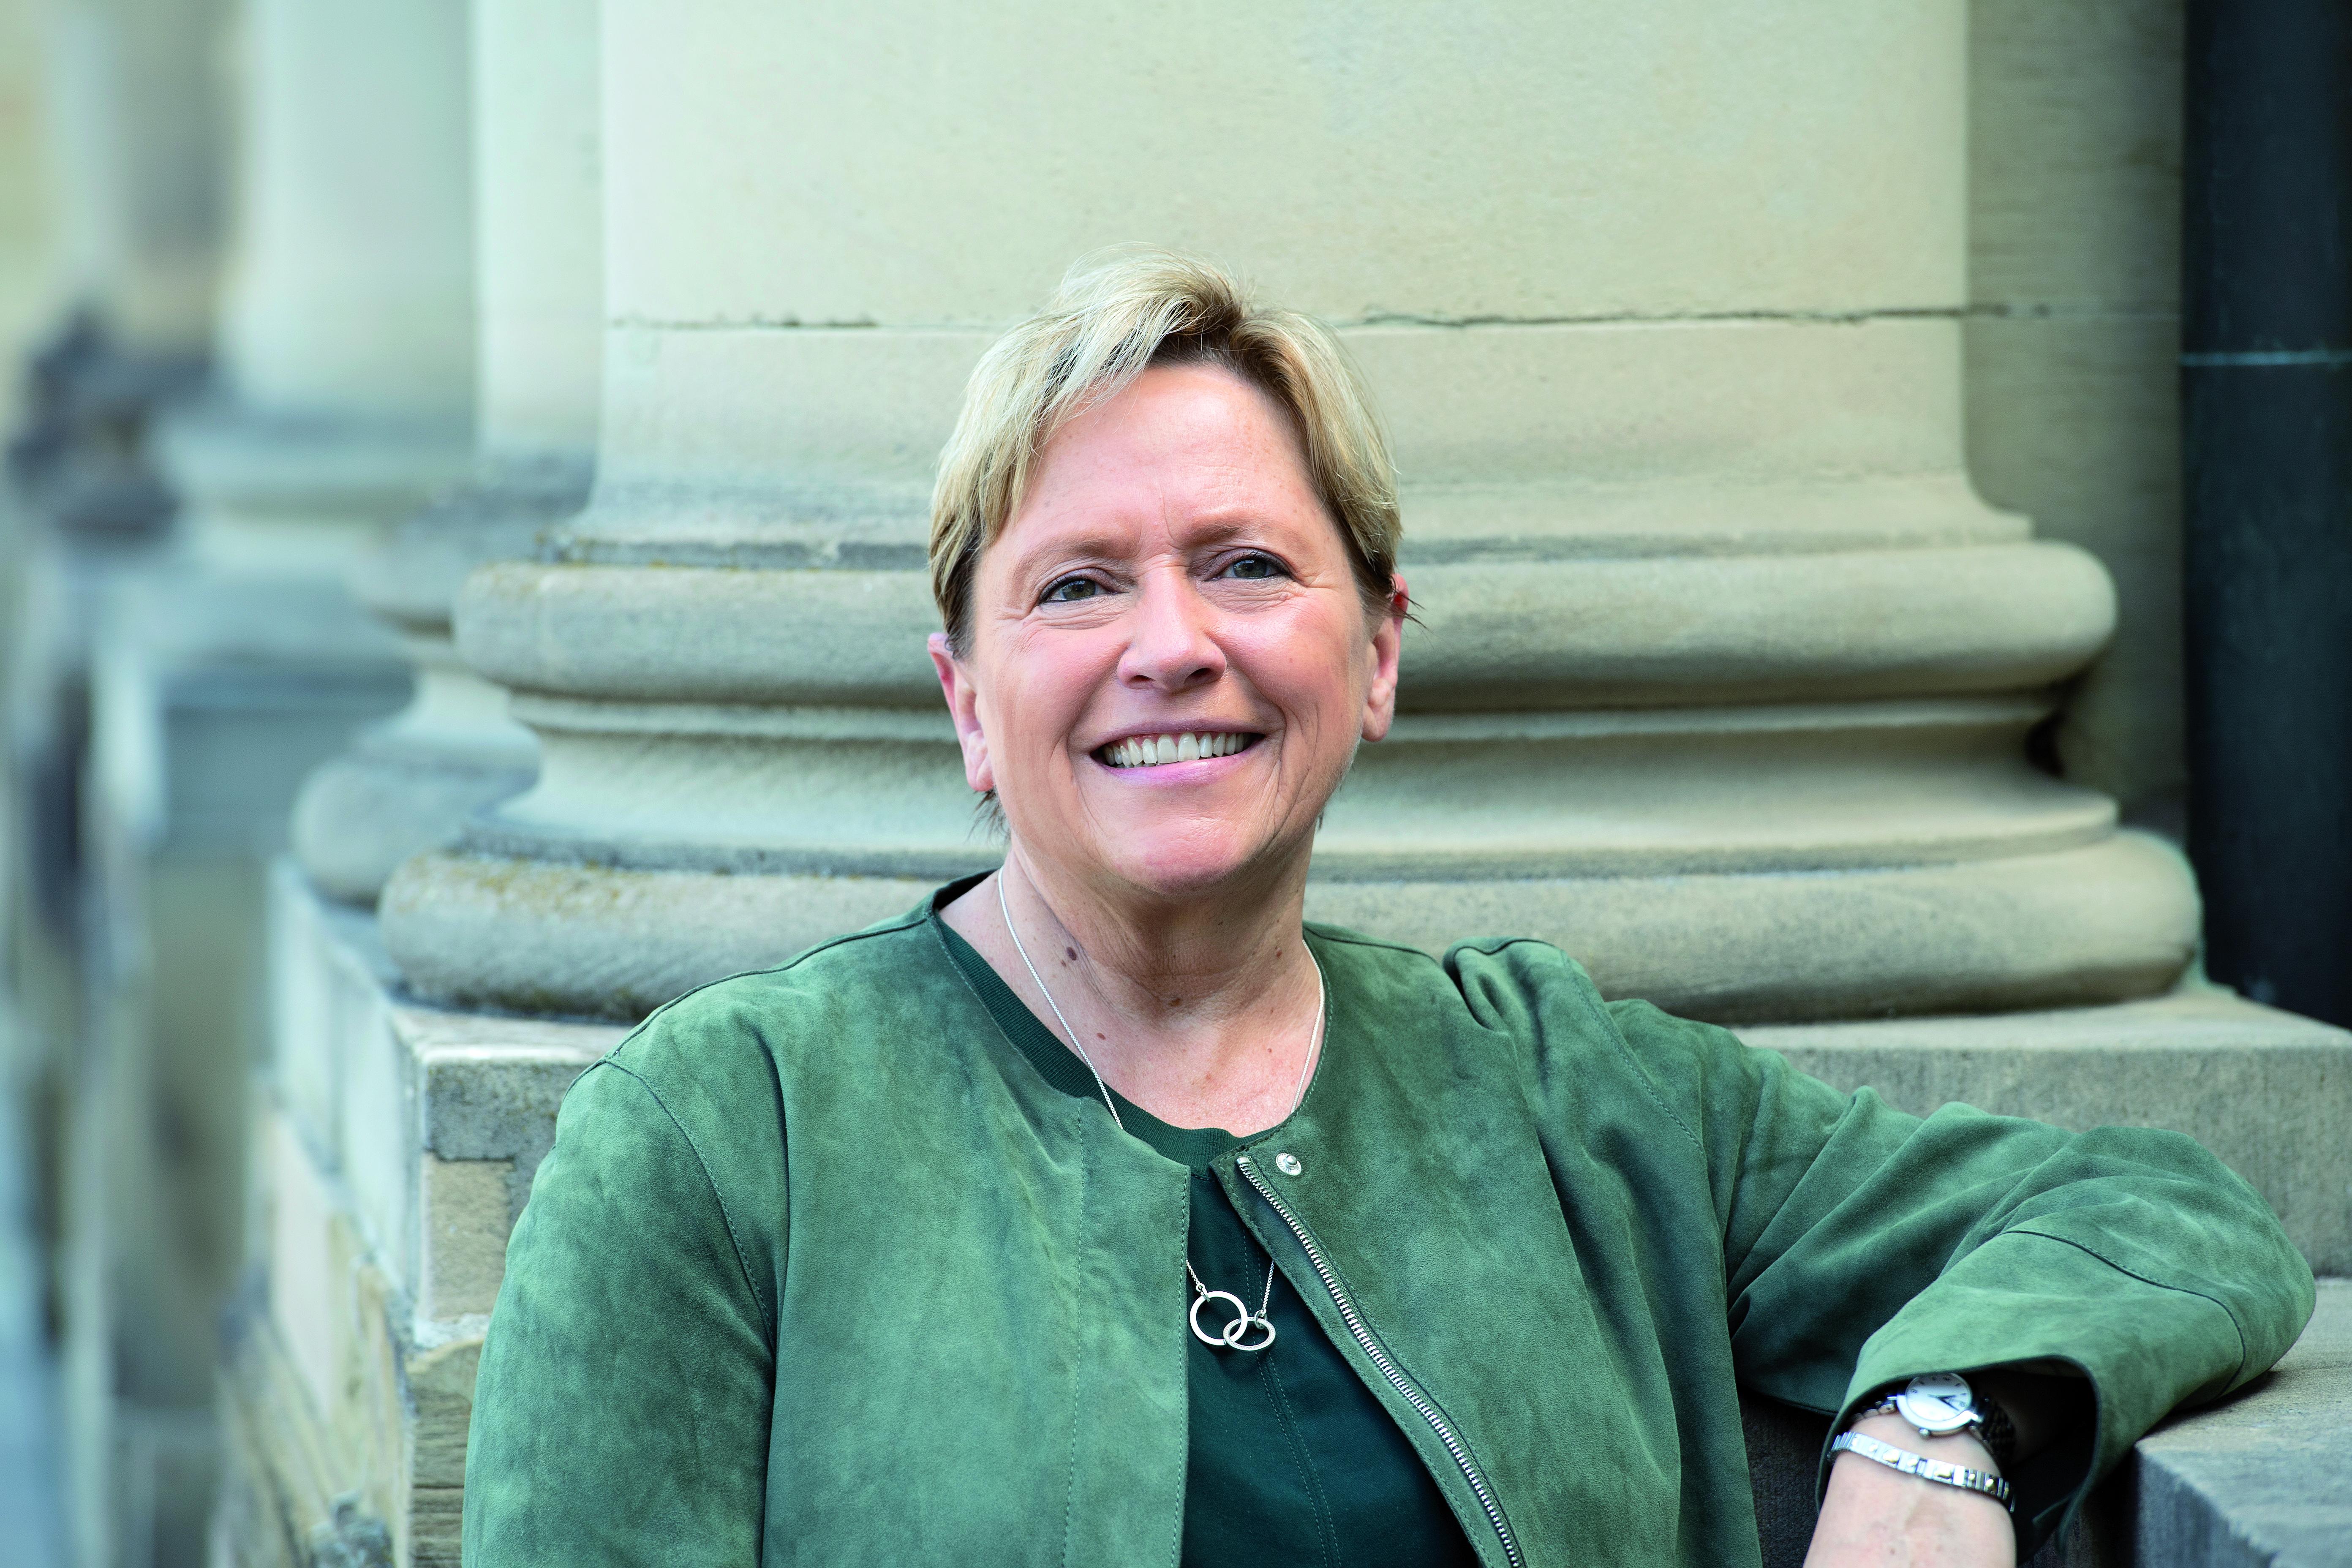 Susanne Eisenmann zur Landtagswahl 2021